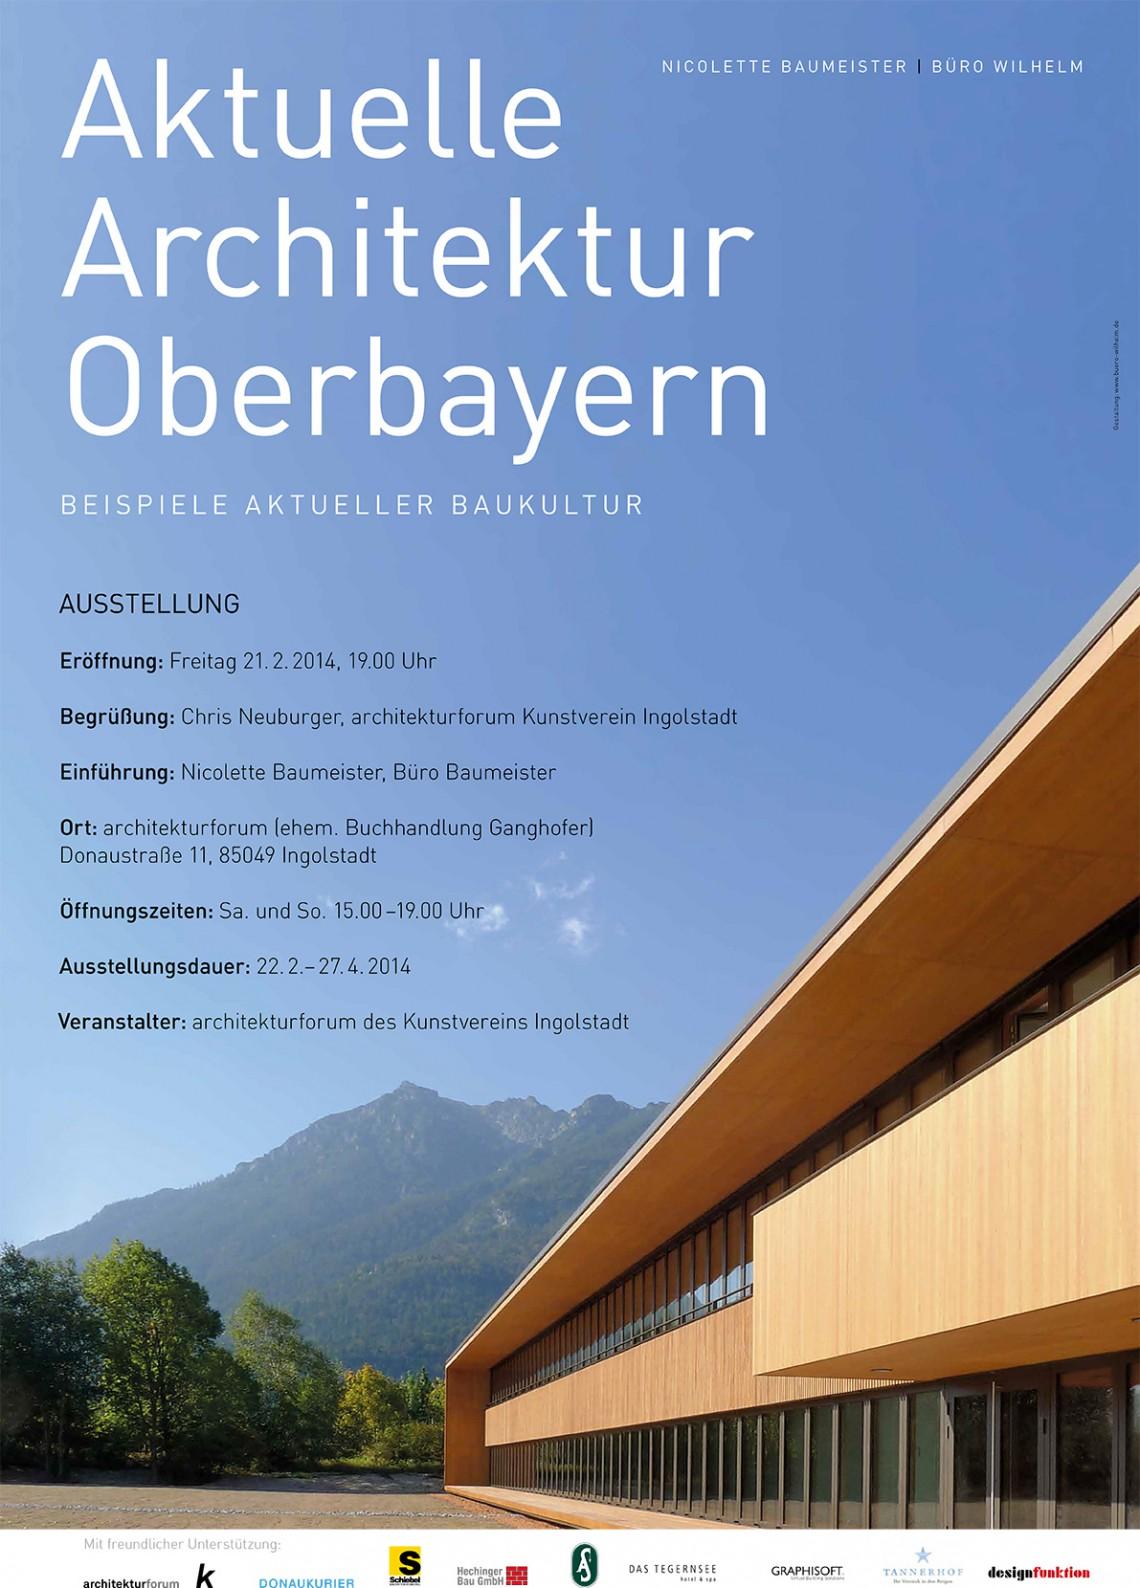 Aktuelle architektur in oberbayern buch und ausstellung for Aktuelle architektur